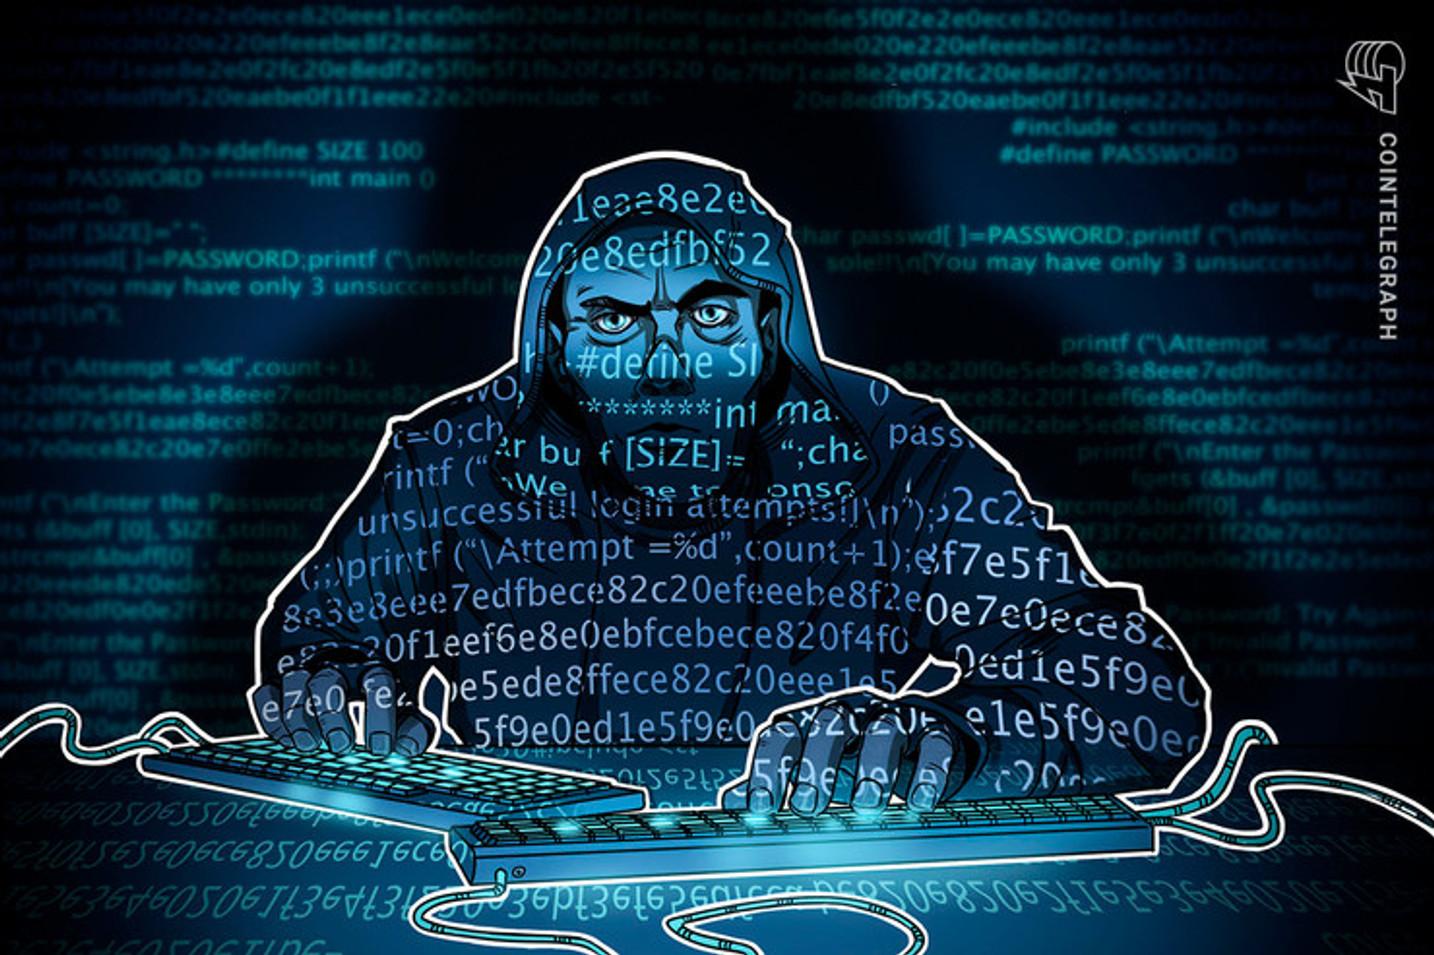 La firma de Singapur TheVault propone una solución para evitar ciberdelincuencia con ayuda de la Fundación NEM